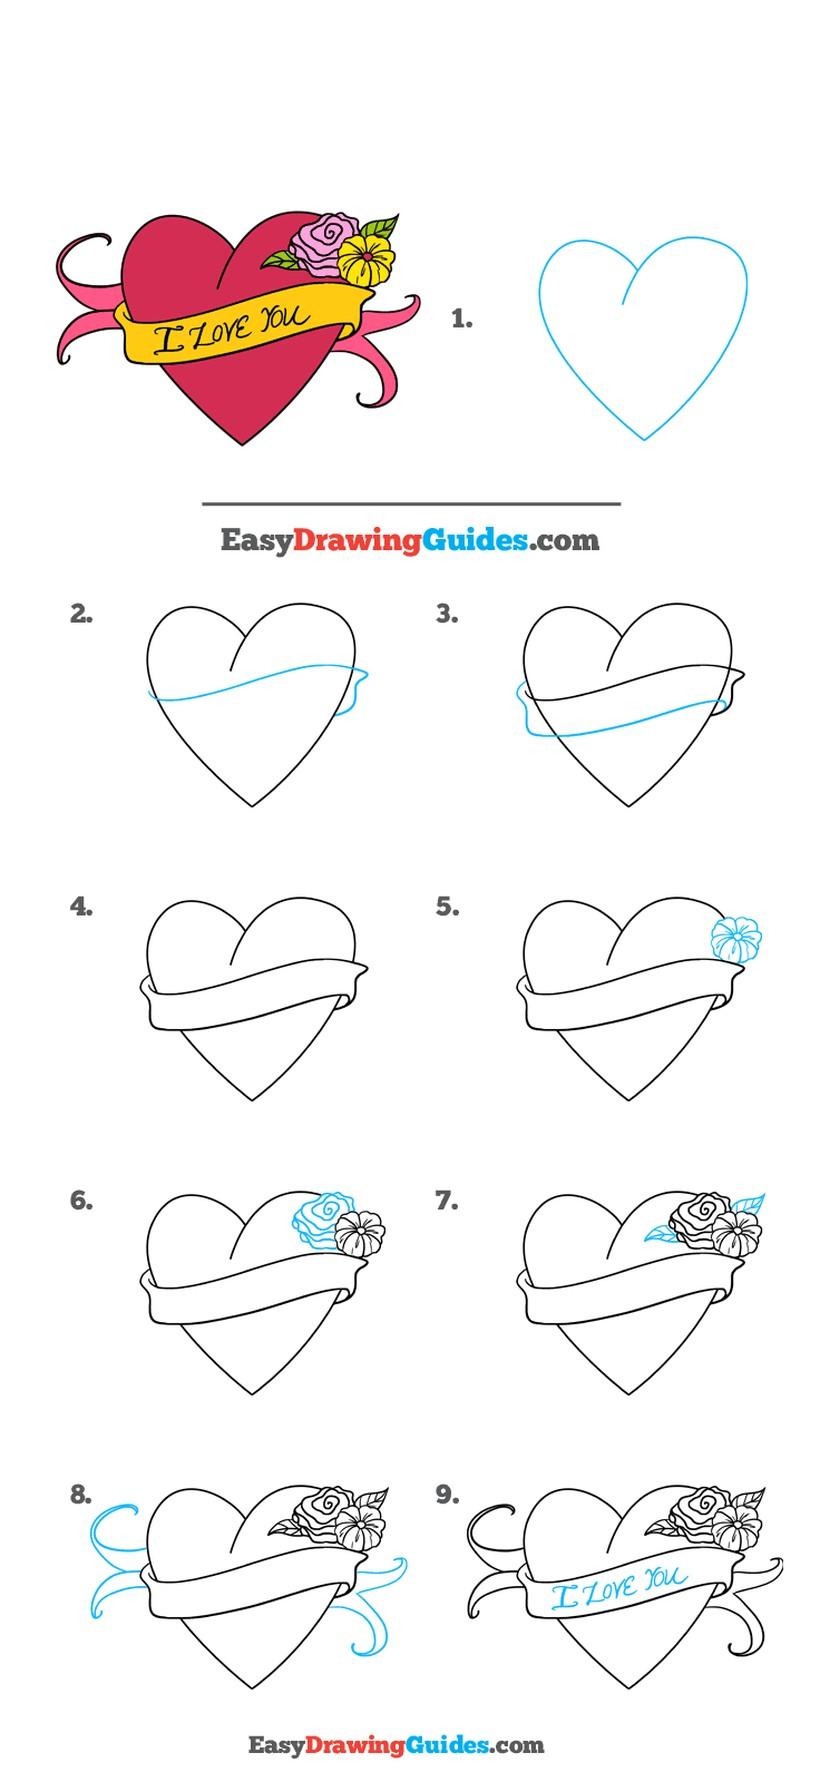 dibujos fáciles de corazones a lápiz paso a paso con la frase i love you flores y cartel